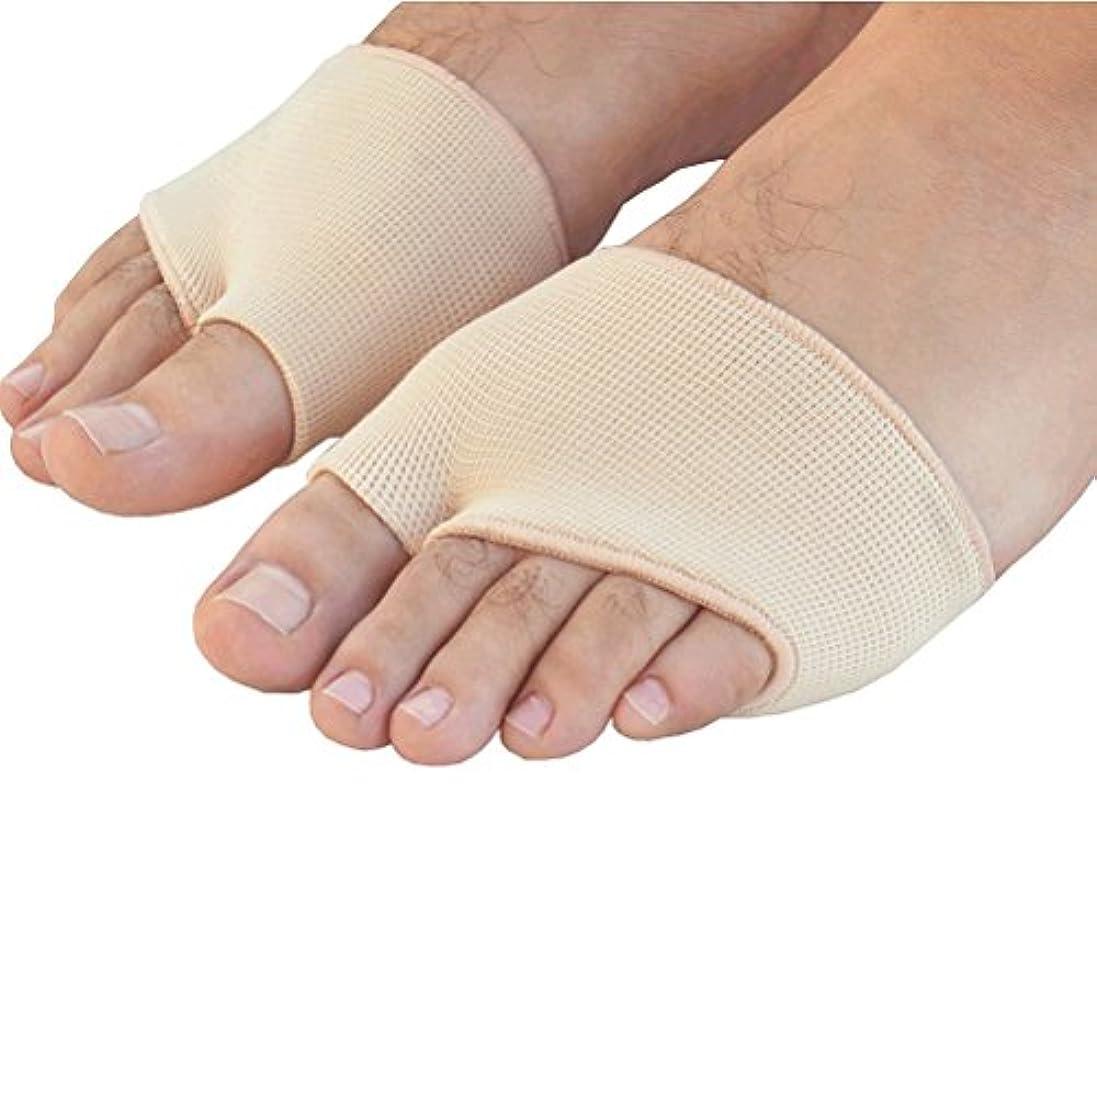 学ぶ危険にさらされているアラビア語ROSENICE ゲル前足中足骨の痛み救済吸収クッション パッド 足底筋膜炎インソール 衝撃吸収 サイズS(肌の色)